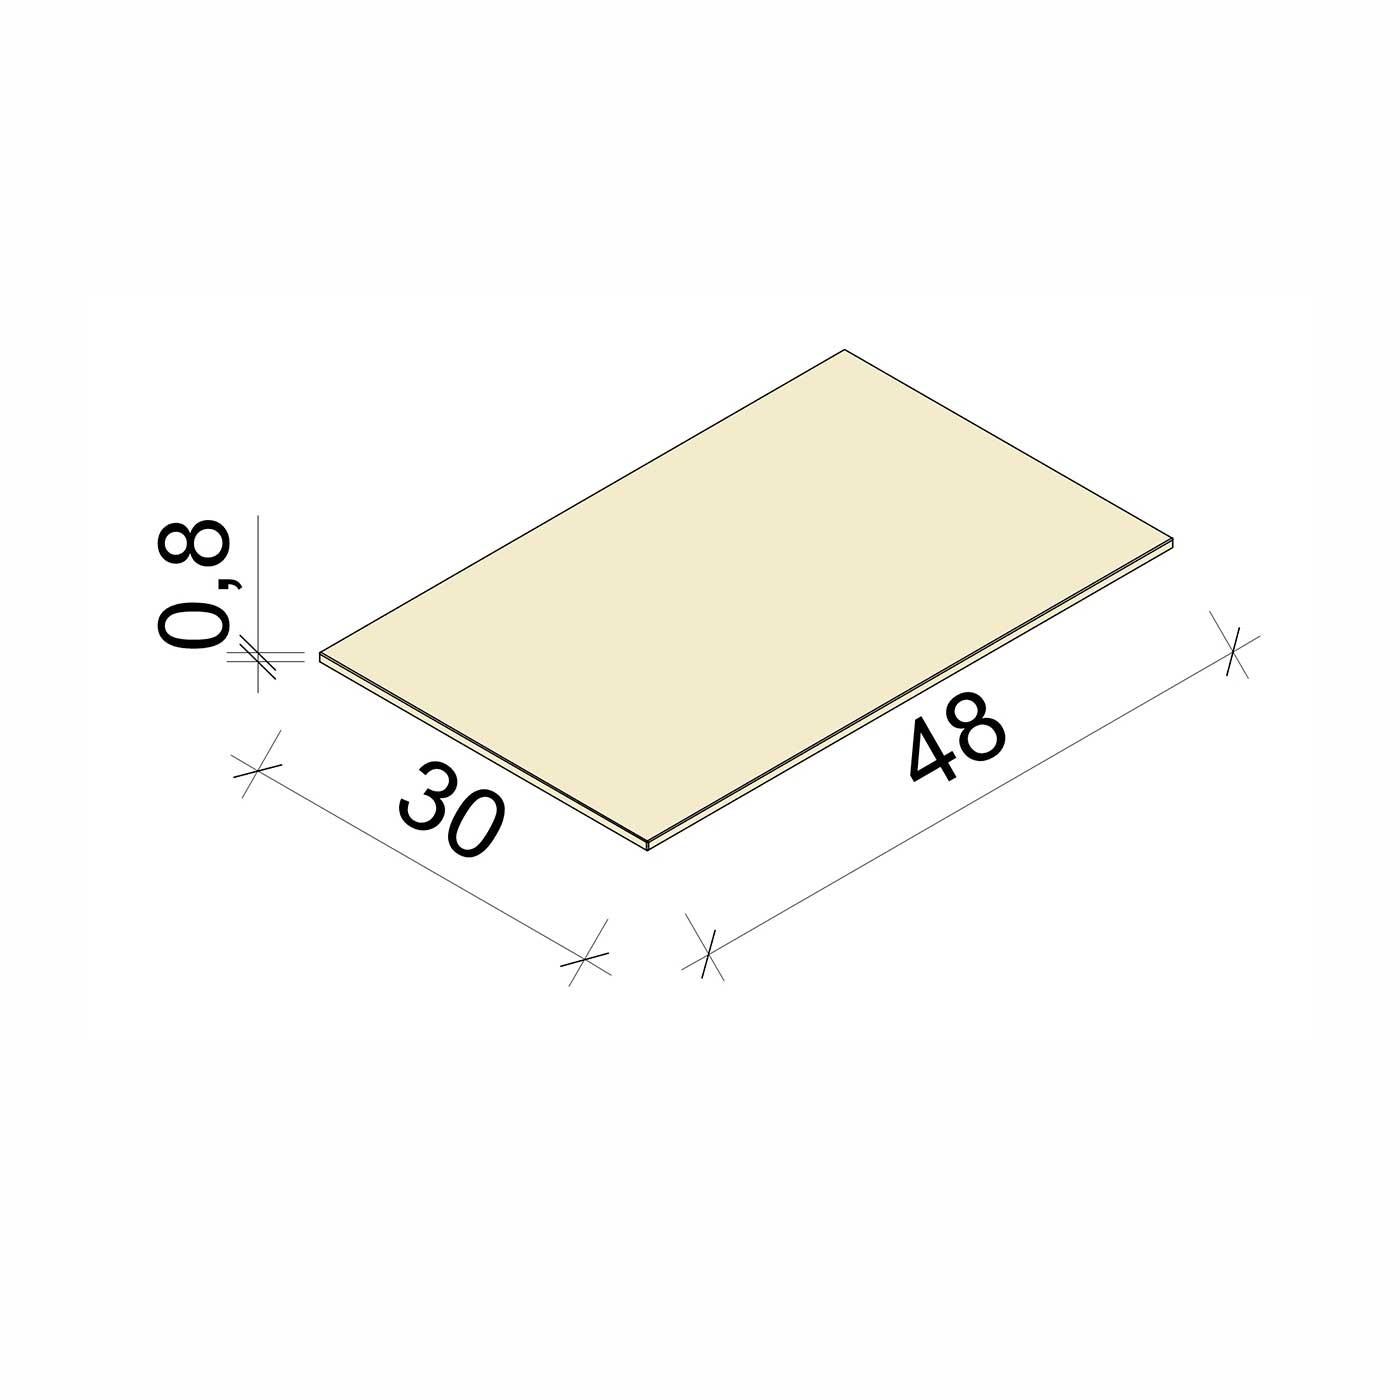 E.T. Stolle - Glasboden - Maße: 48 x 30 x 0,8 cm